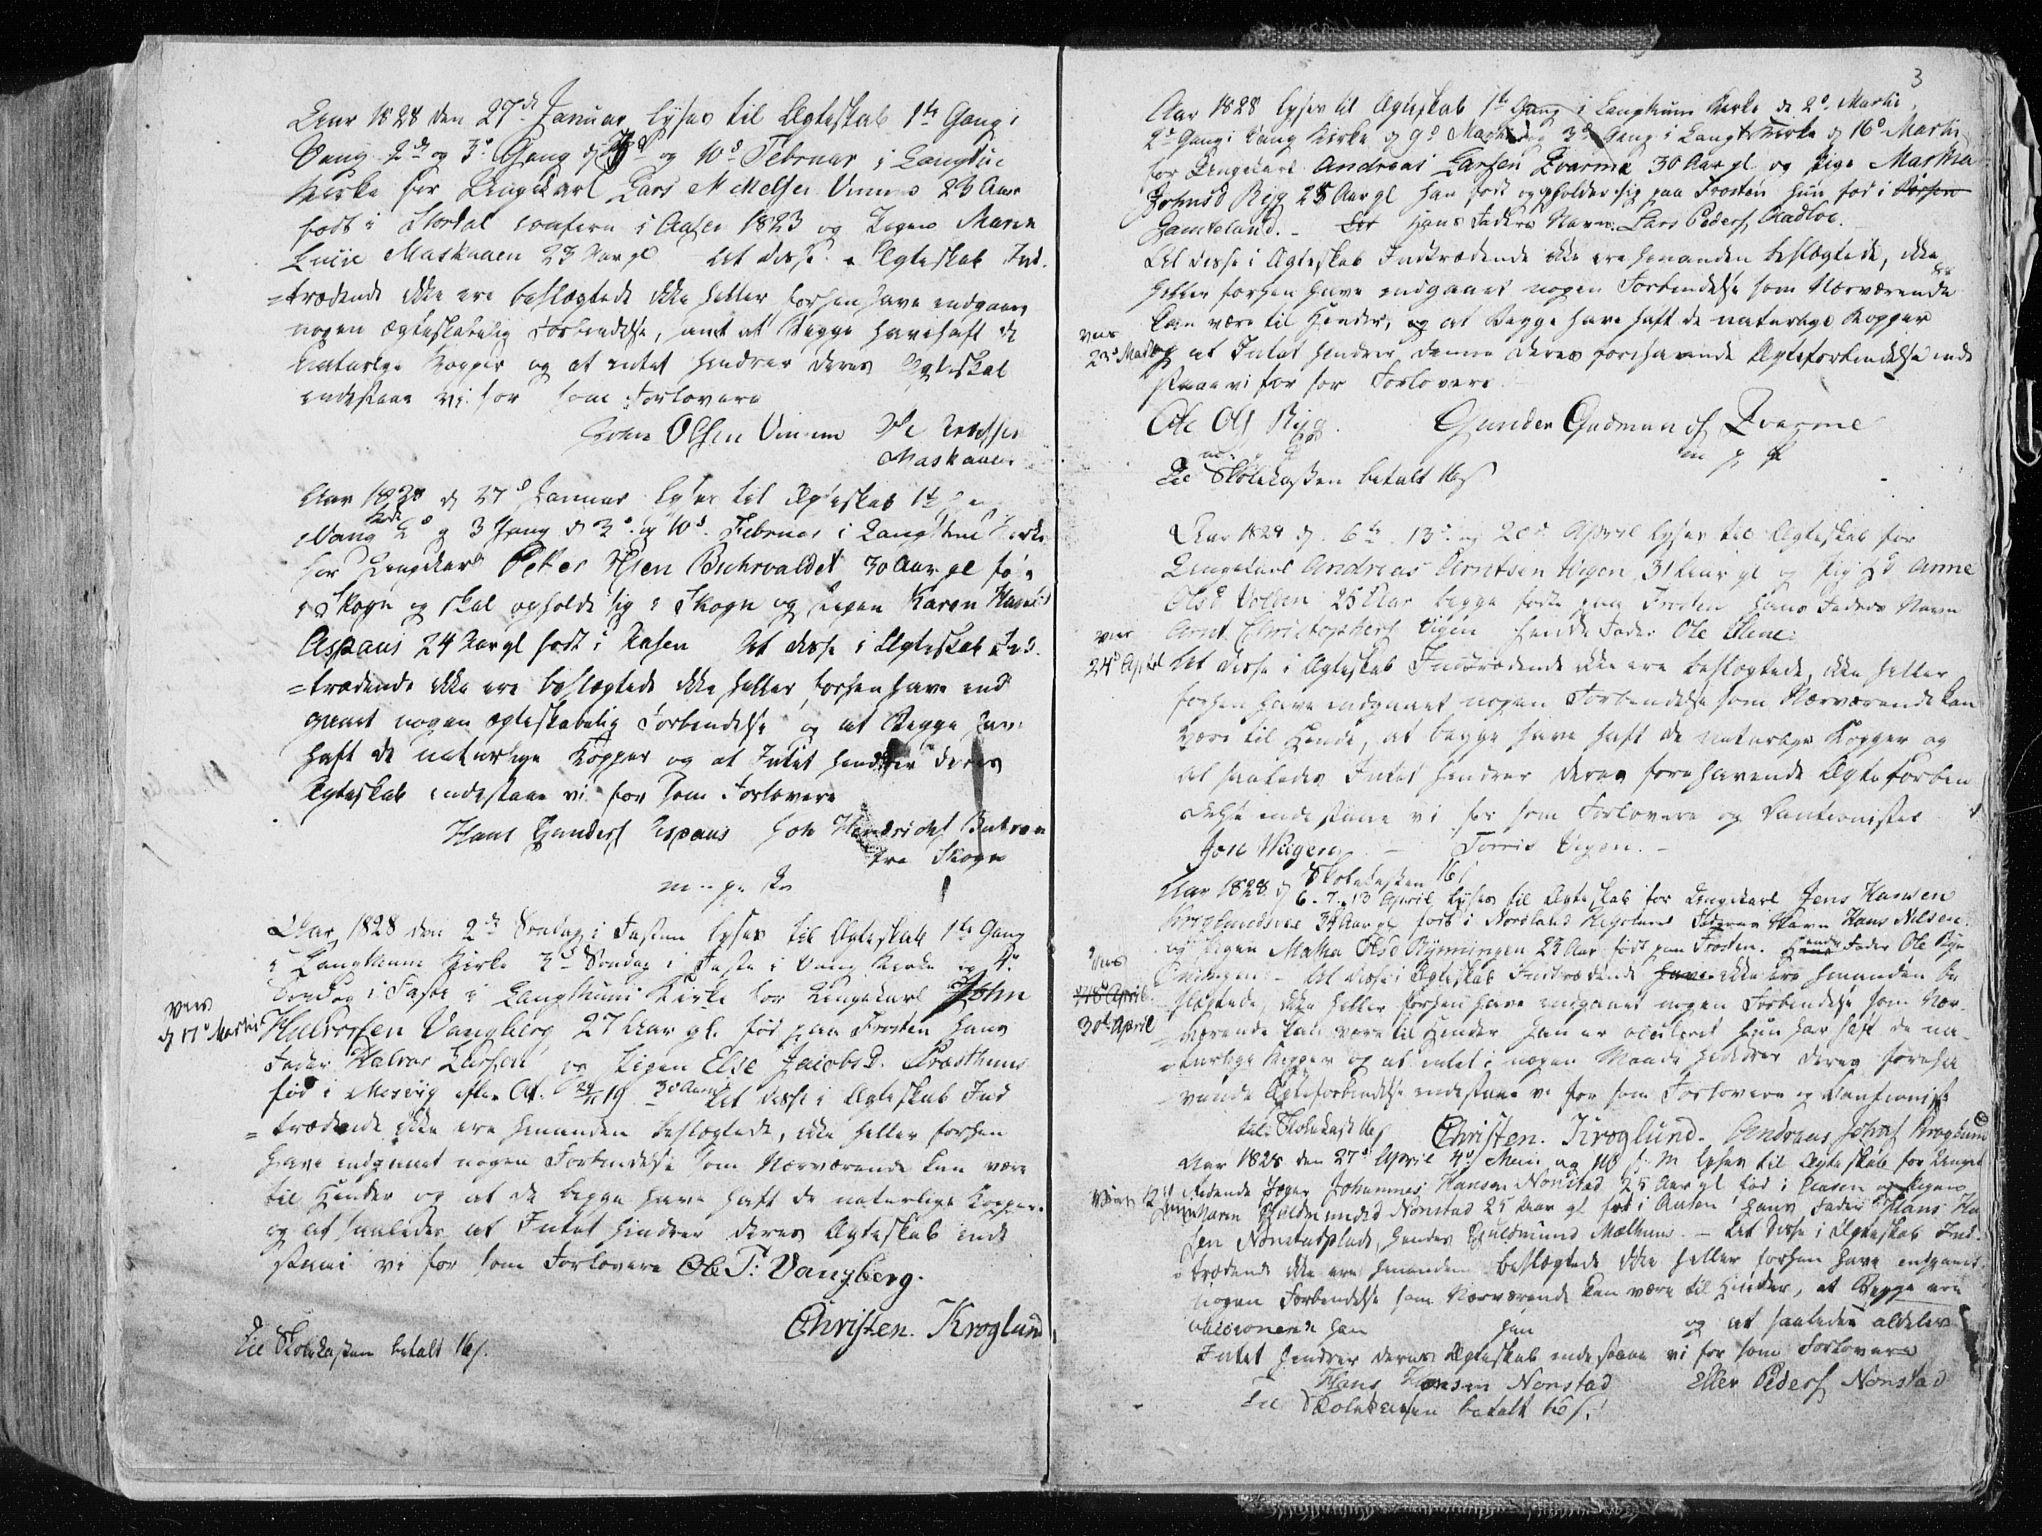 SAT, Ministerialprotokoller, klokkerbøker og fødselsregistre - Nord-Trøndelag, 713/L0114: Ministerialbok nr. 713A05, 1827-1839, s. 3